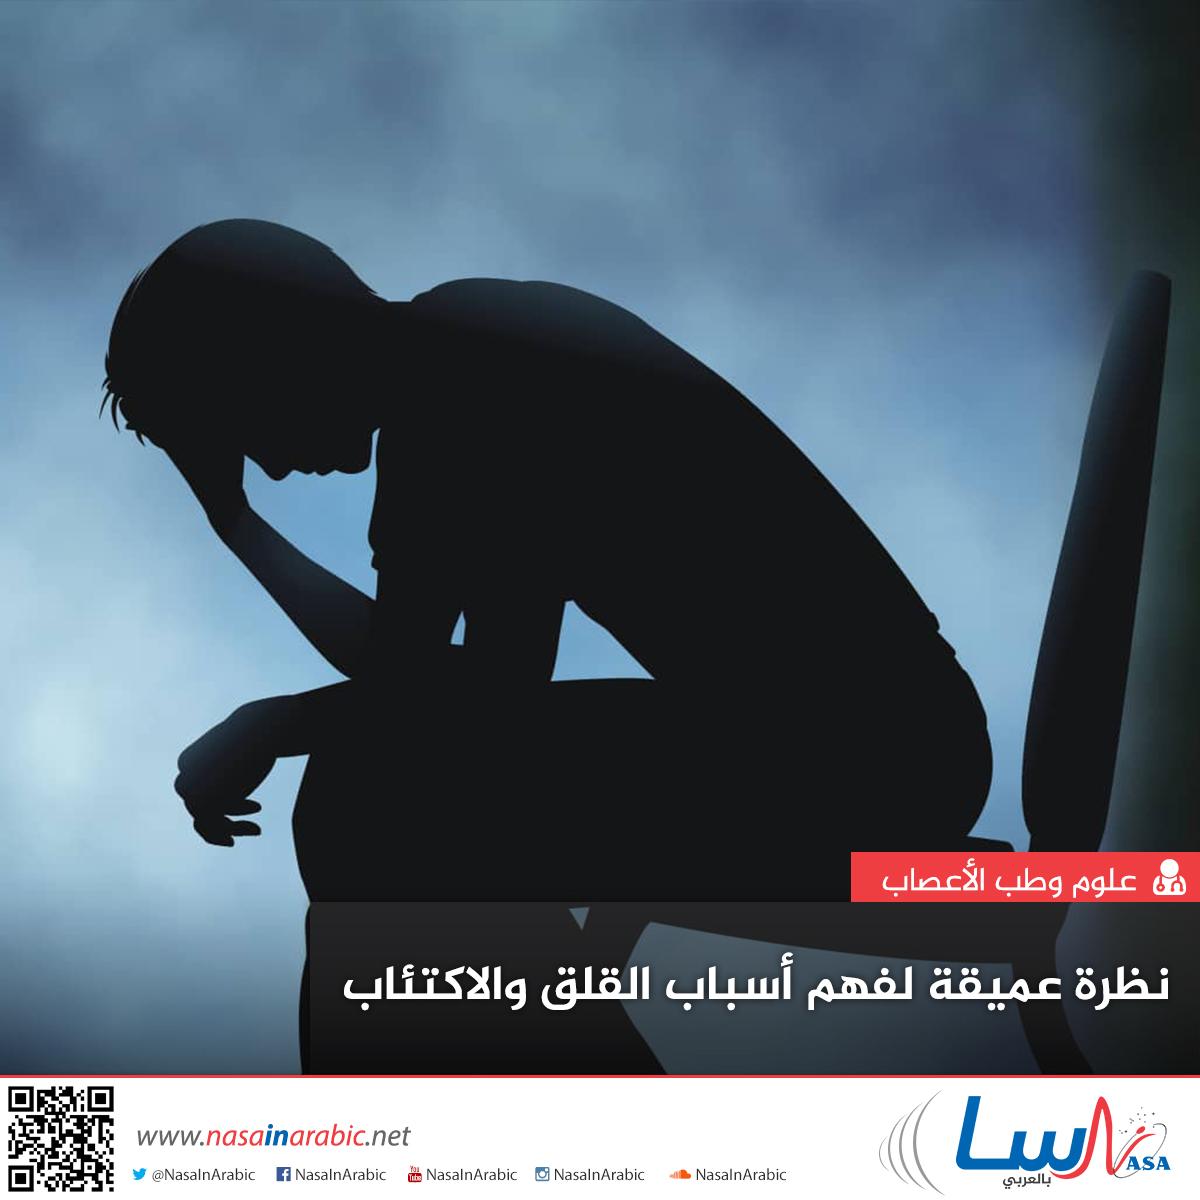 نظرة عميقة لفهم أسباب القلق والاكتئاب